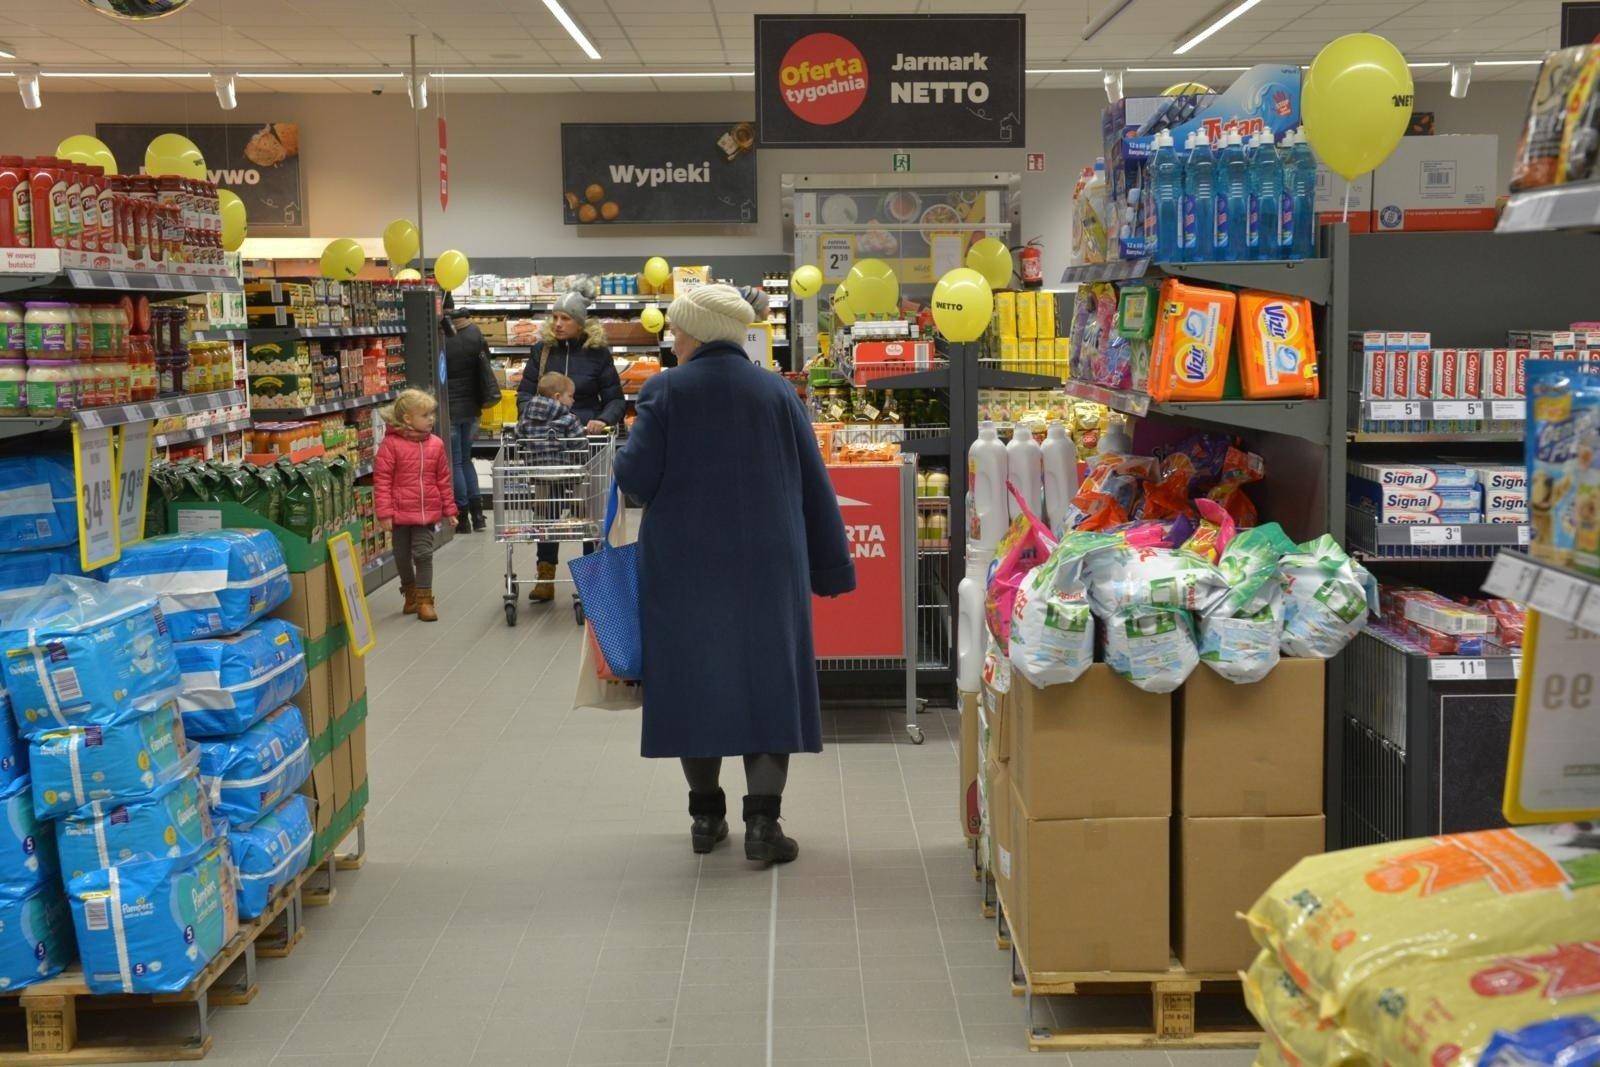 Niedziele handlowe w kwietniu 2020. Uwaga, duże zmiany w zakazie handlu od tego roku [25.04] | Gazeta Pomorska